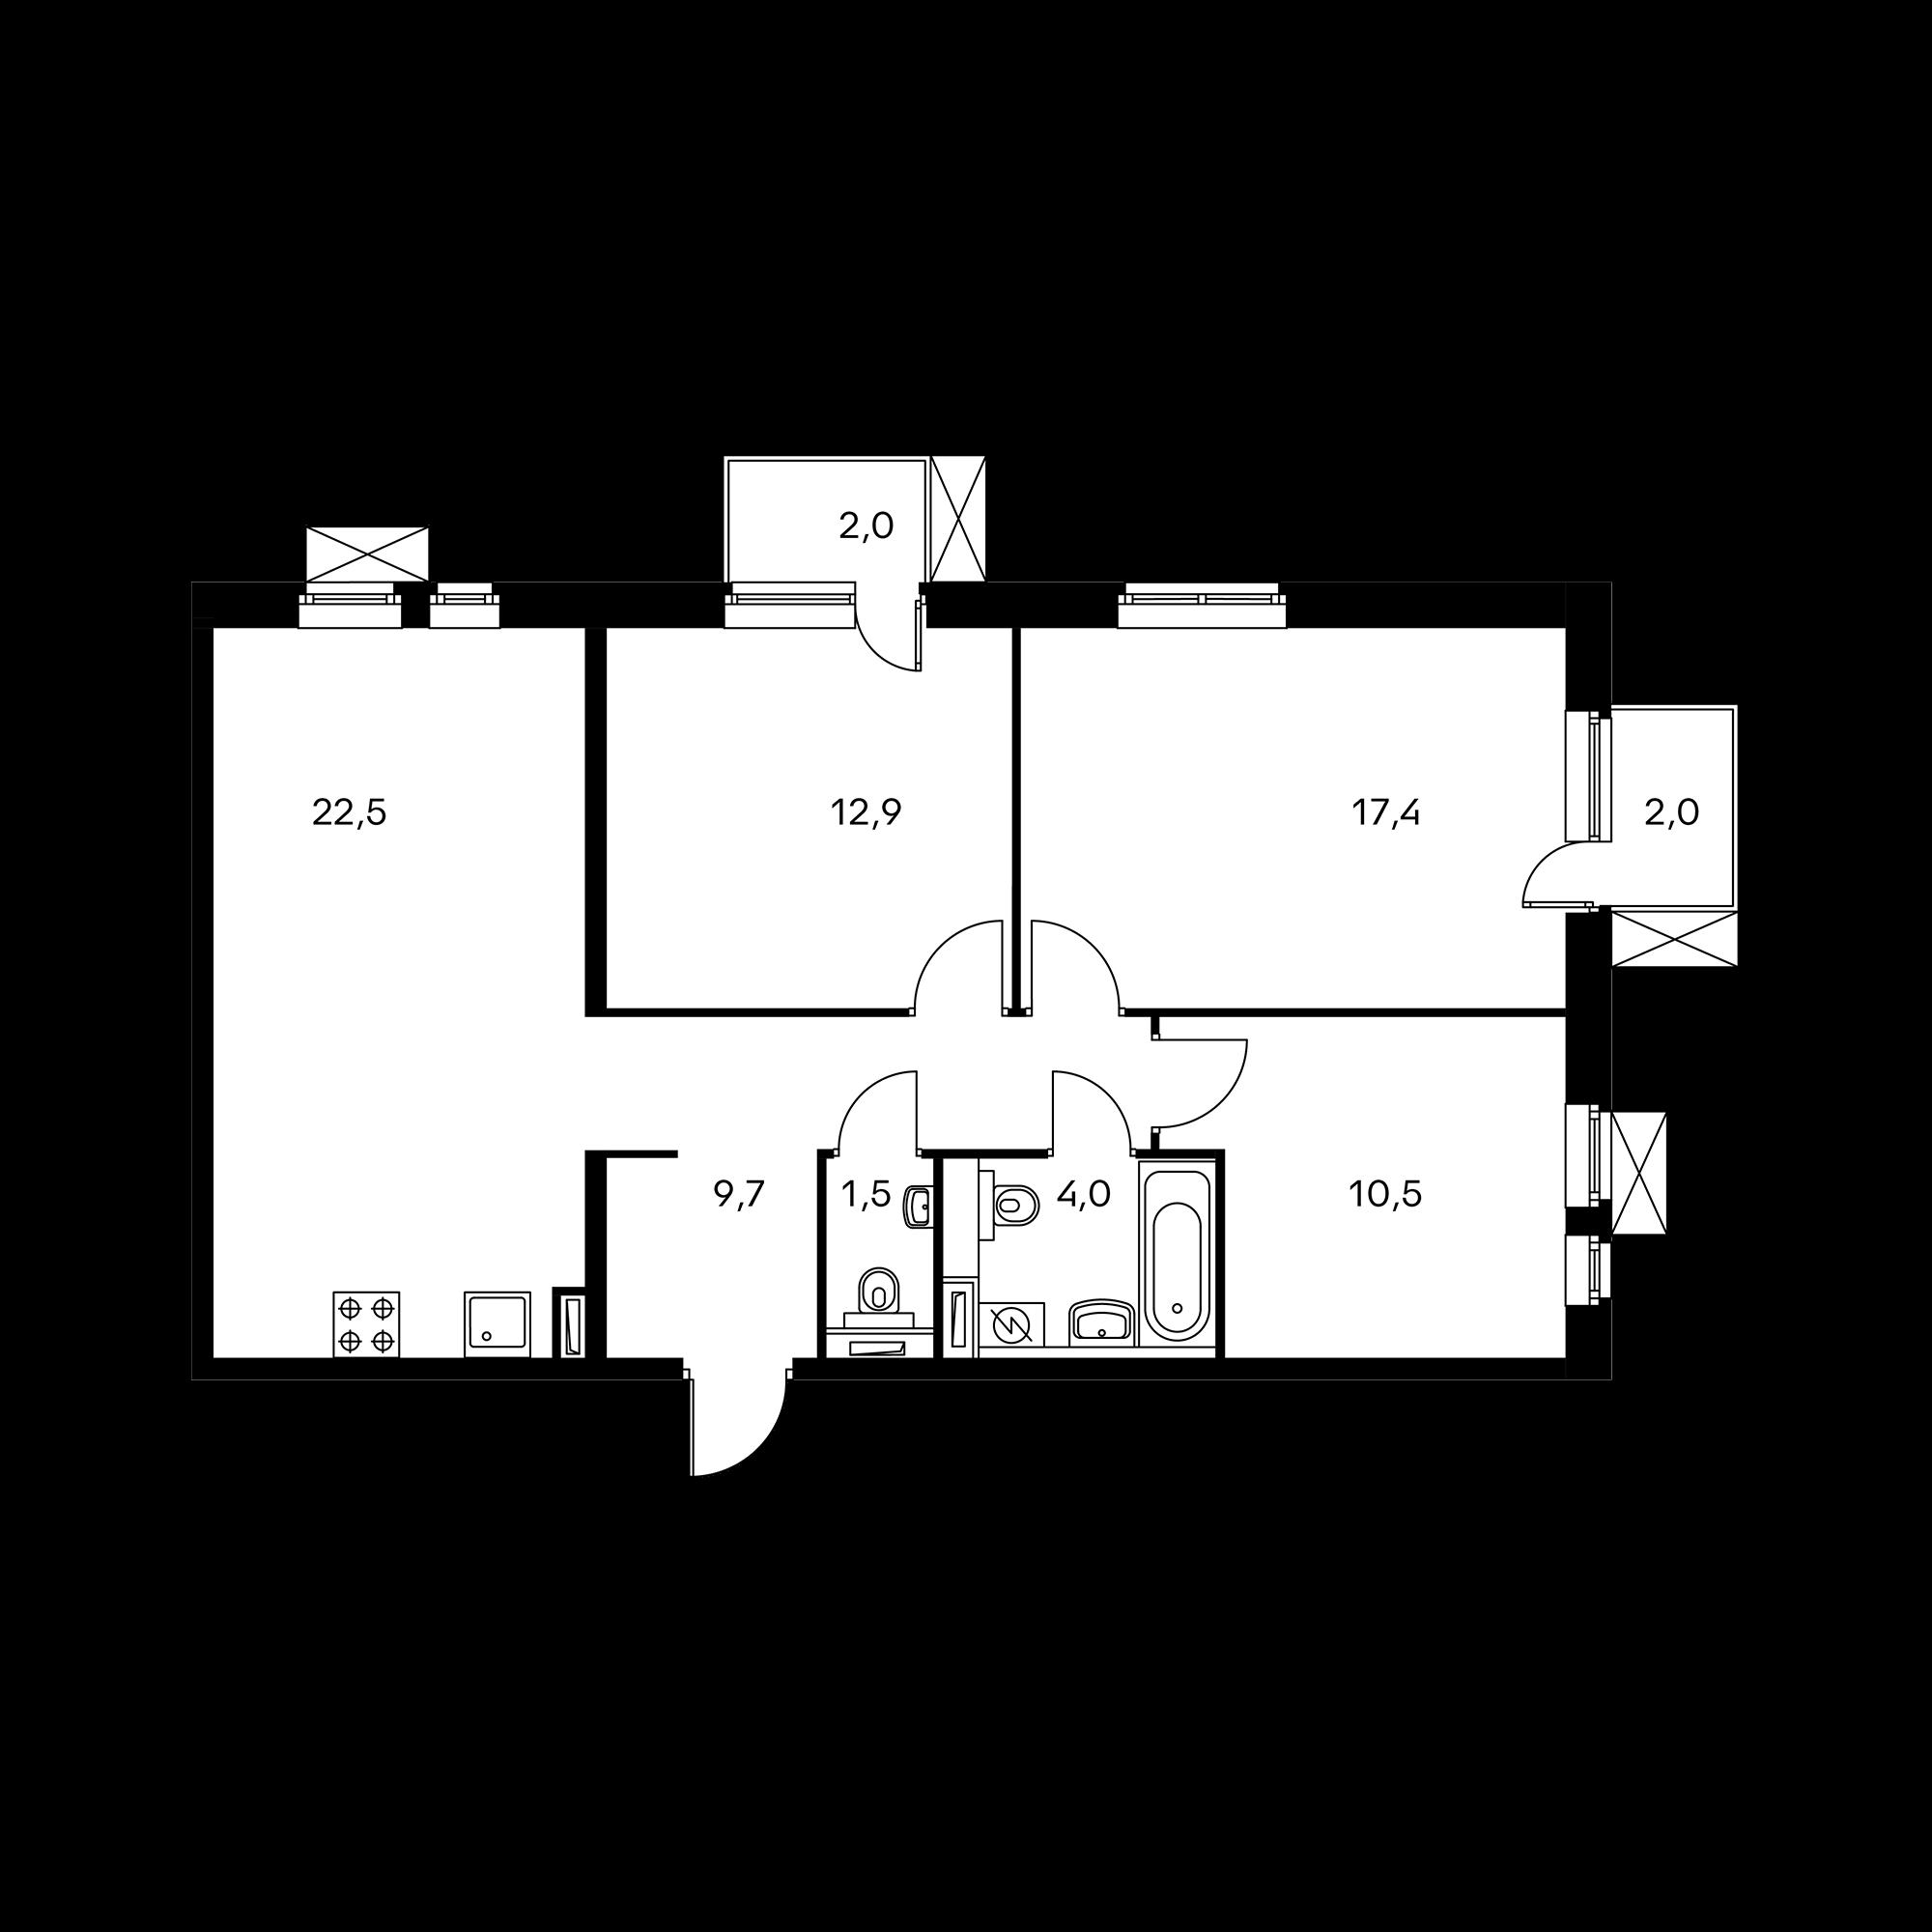 3EM21_6.9-1_Т_ZB2